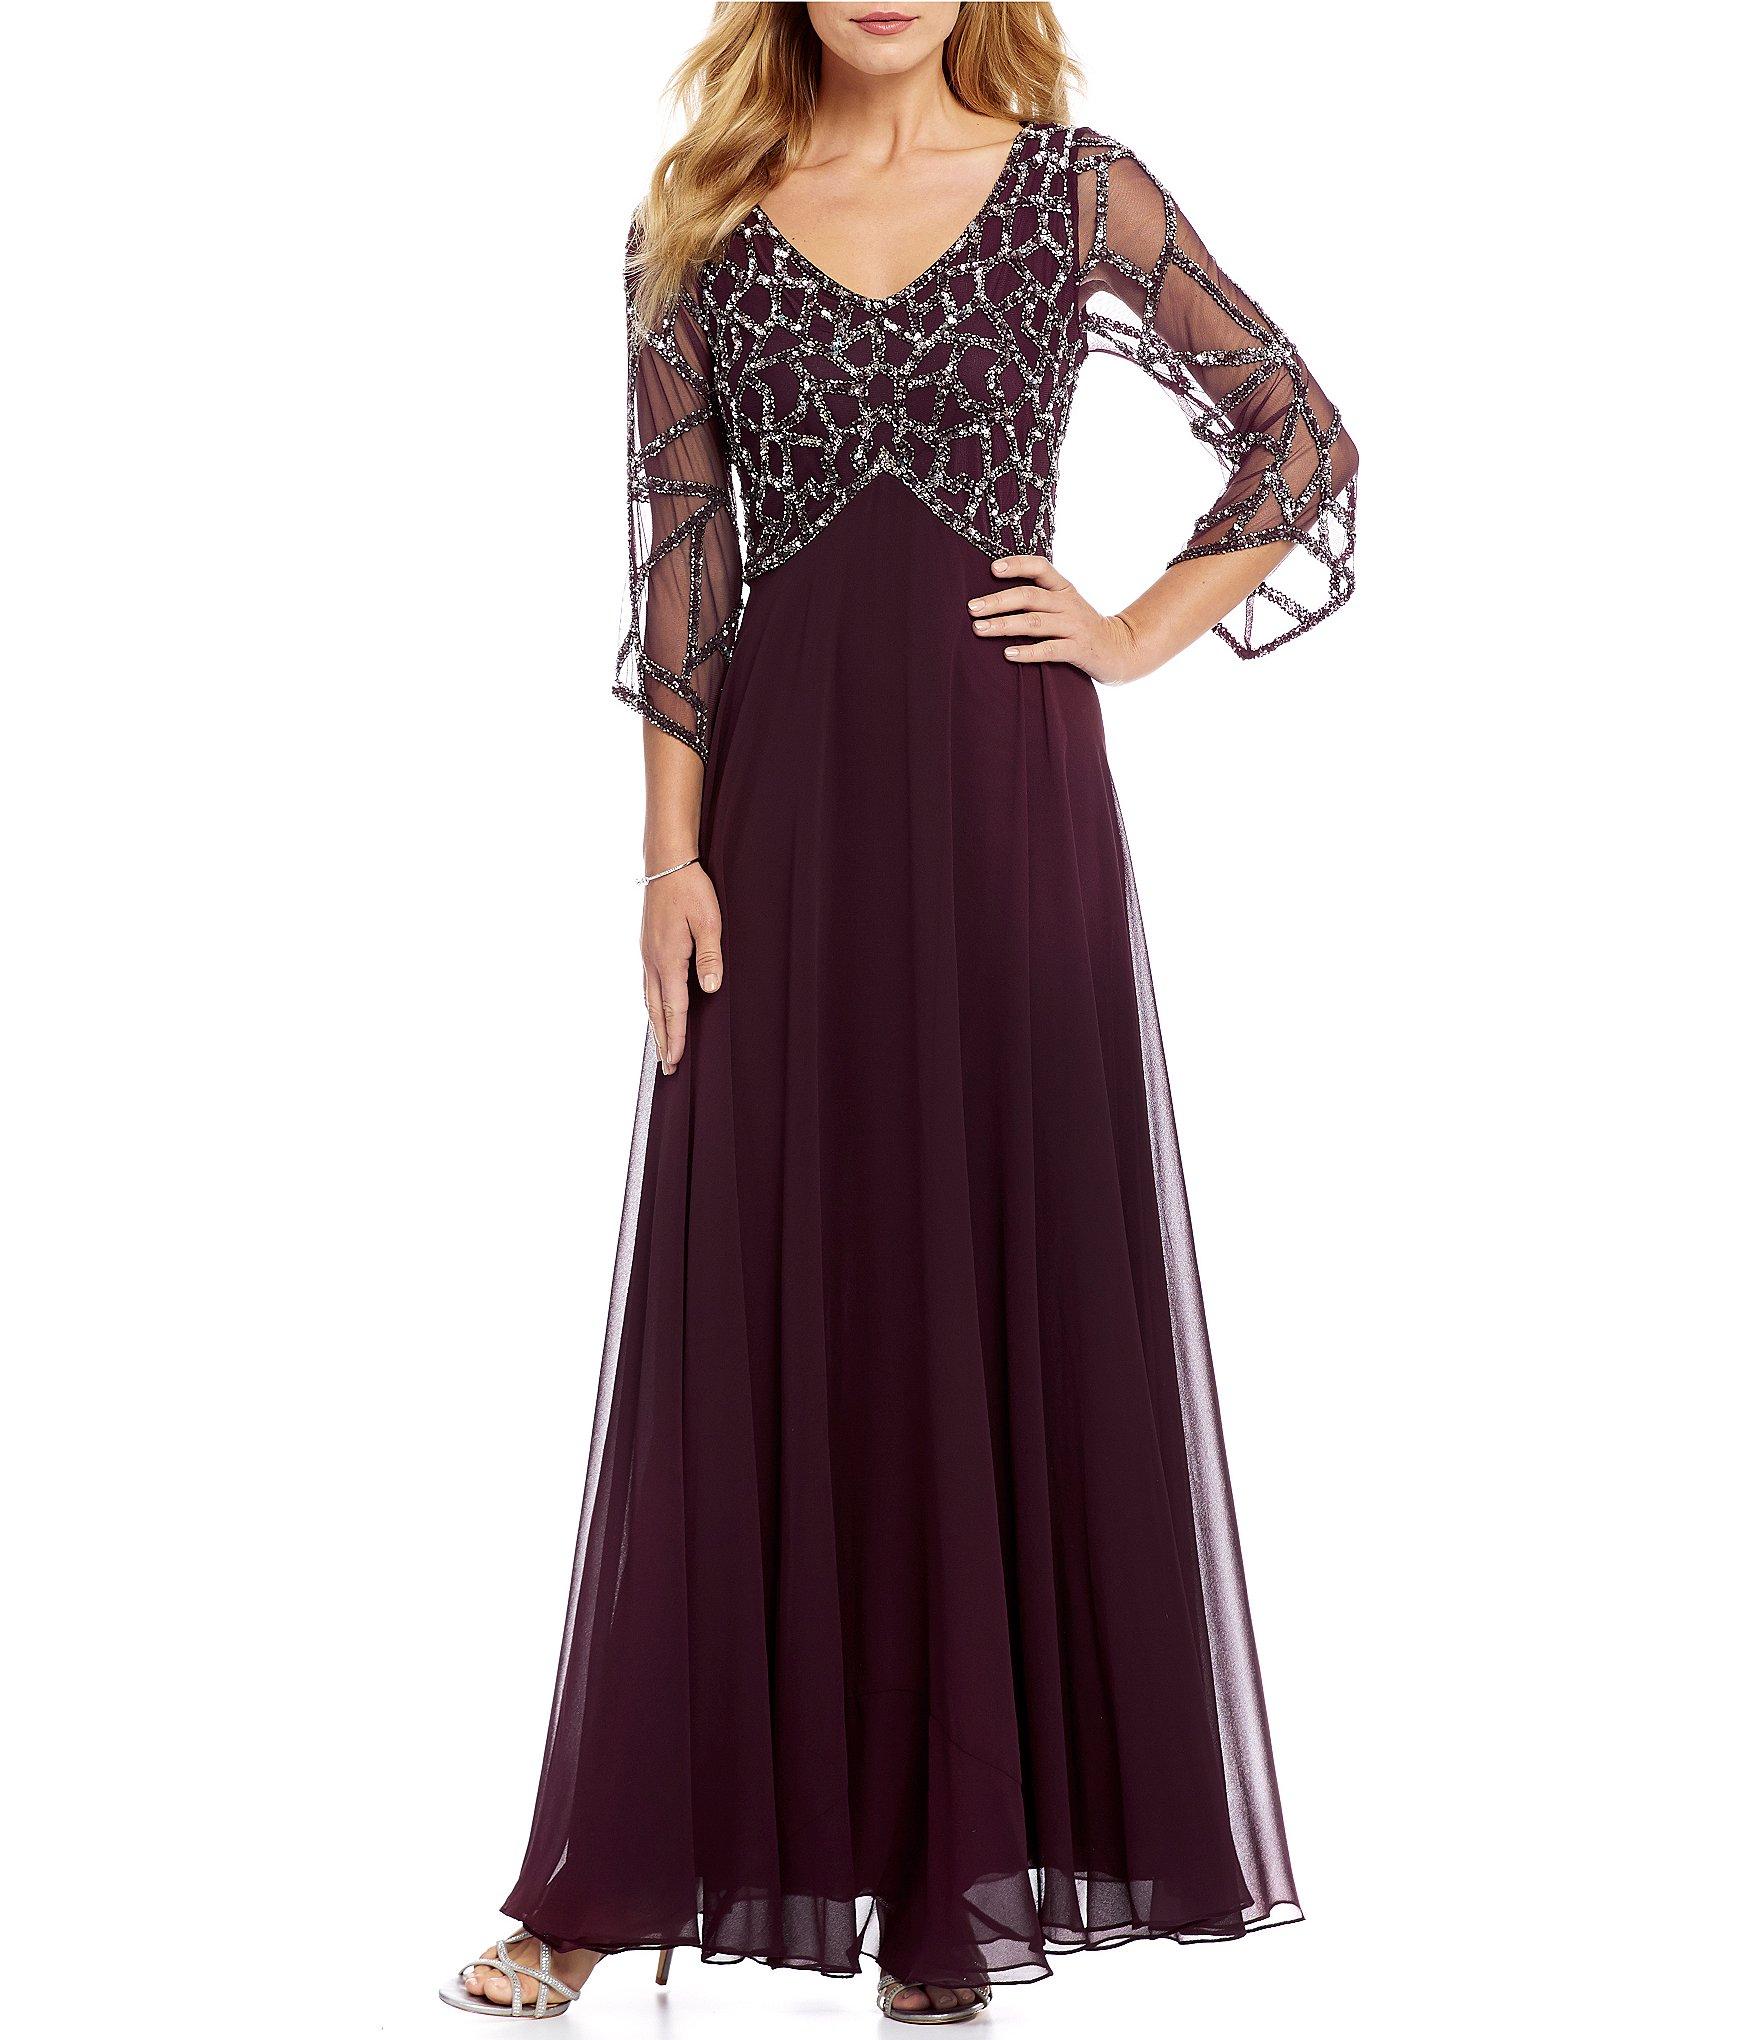 Pink Women\'s Formal Dresses & Evening Gowns | Dillards